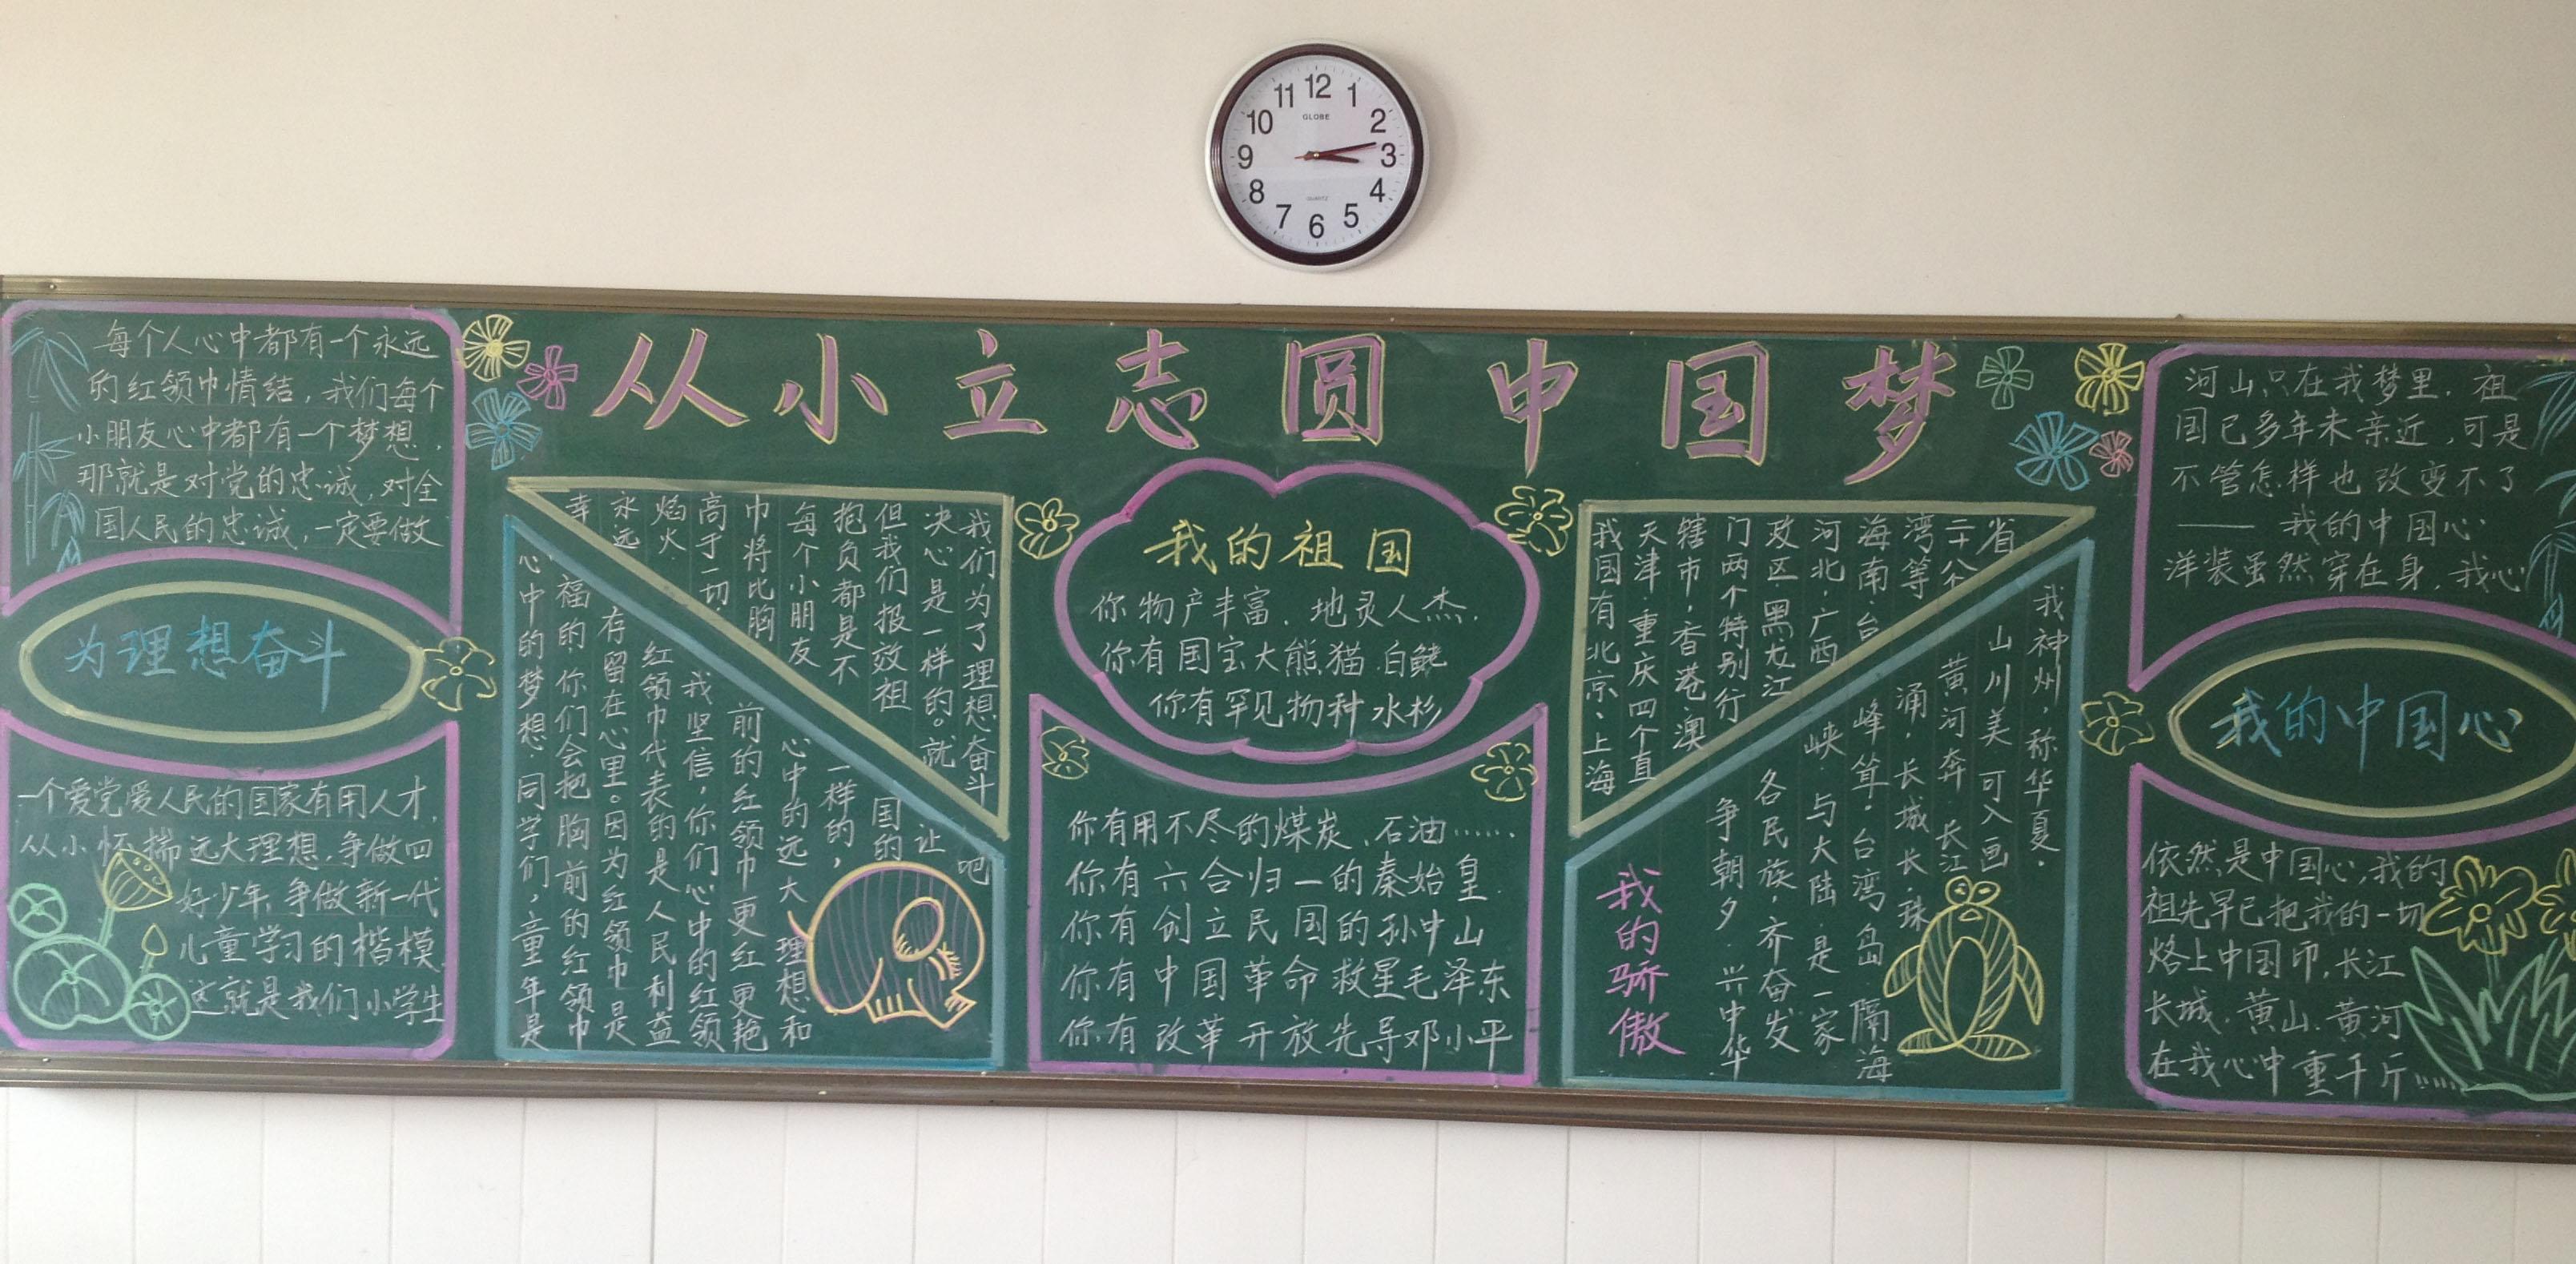 有关中国梦黑板报-高清黑板图片